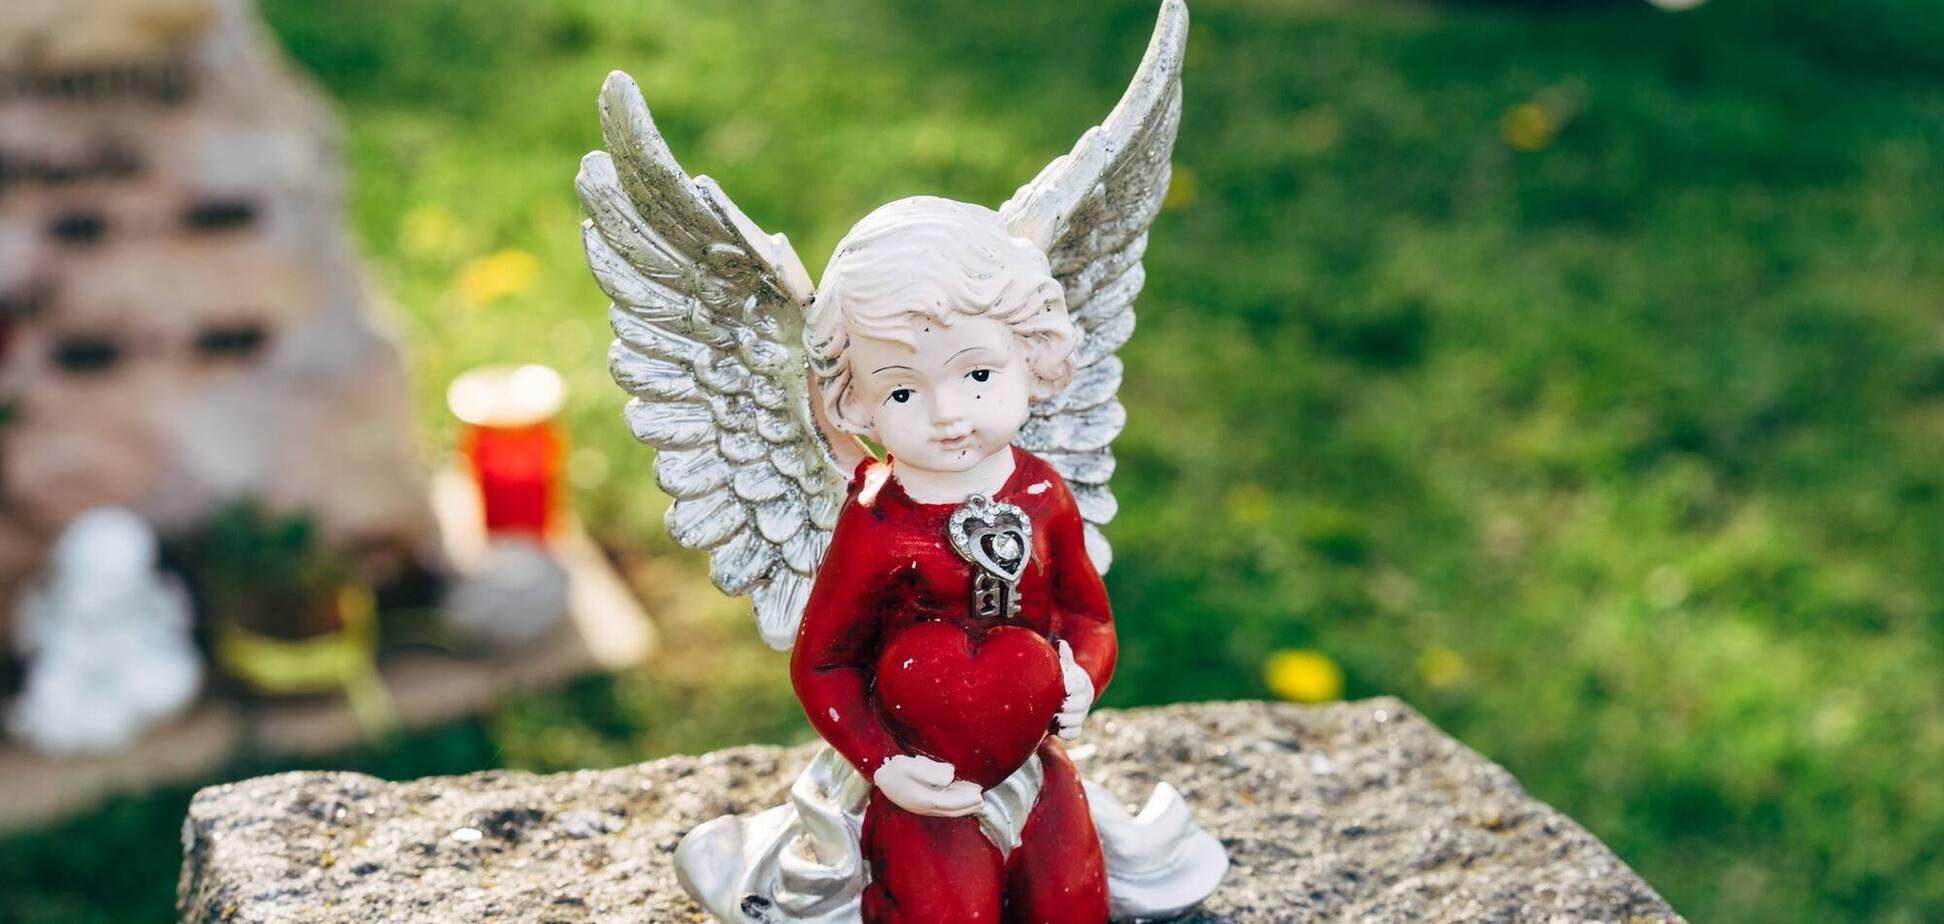 День ангела считается духовным днем рождения. Источник: Фото: Pixabay